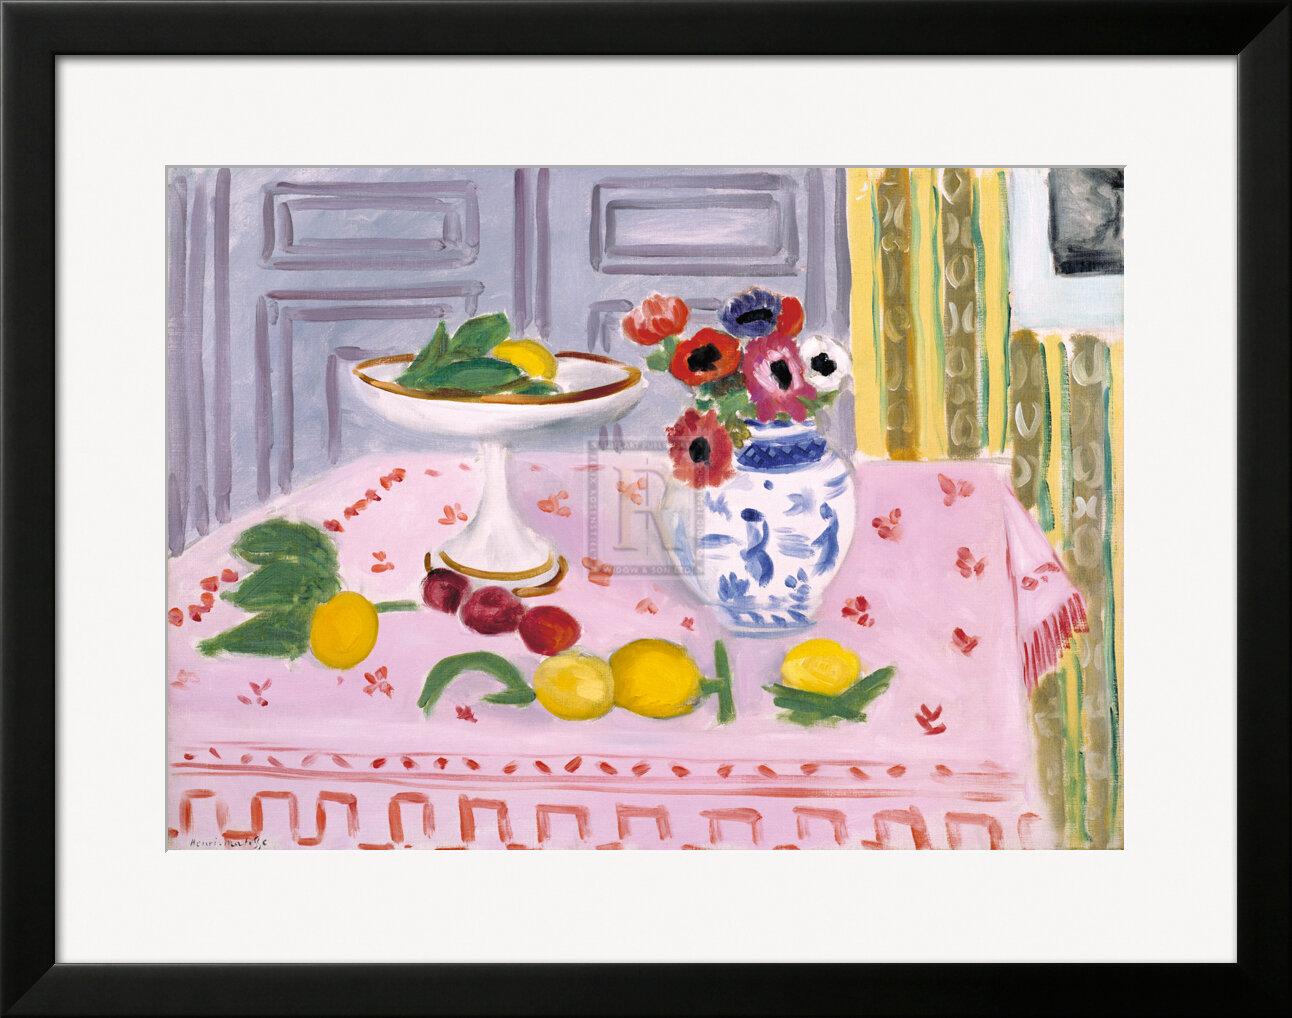 3409f9de4a2 Art.com  The Pink Tablecloth